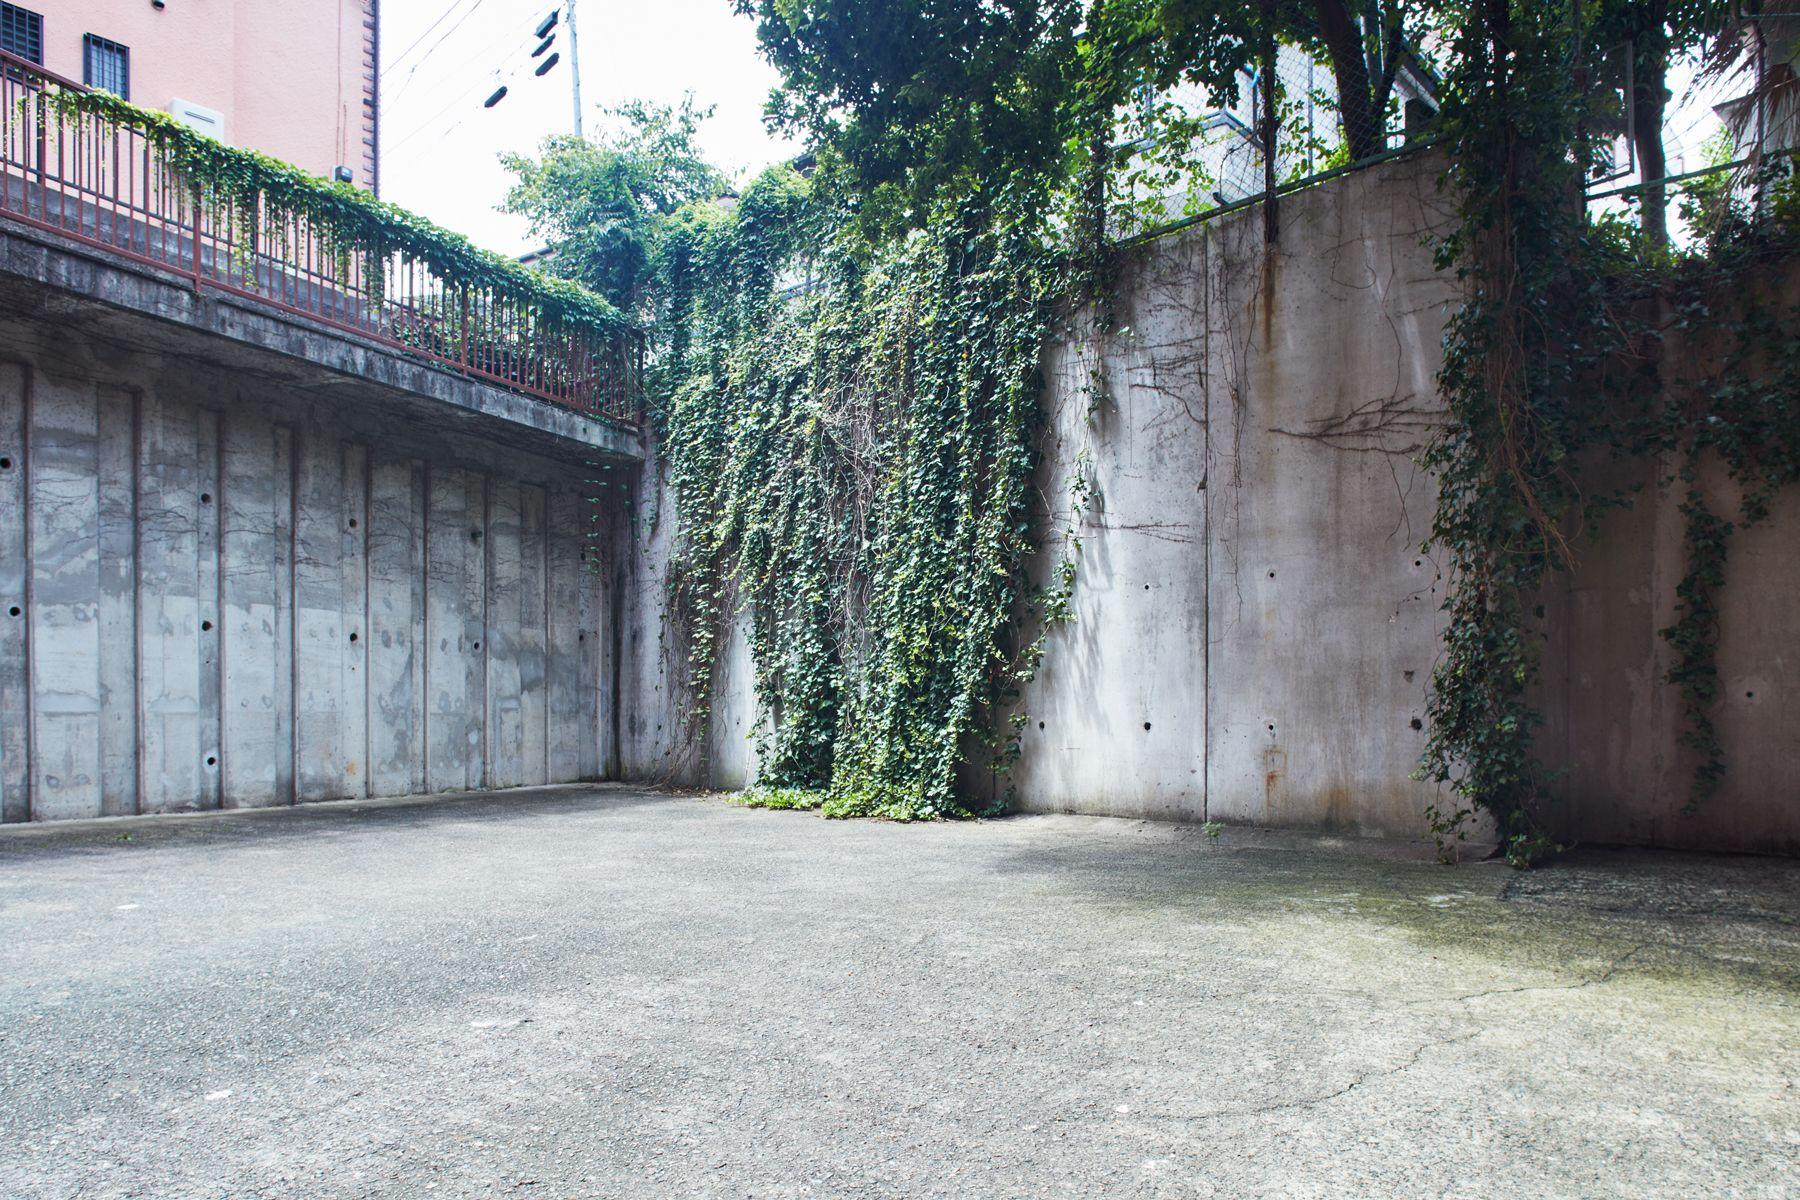 noru studio (ノル スタジオ)中庭のコンクリート壁とグリーン